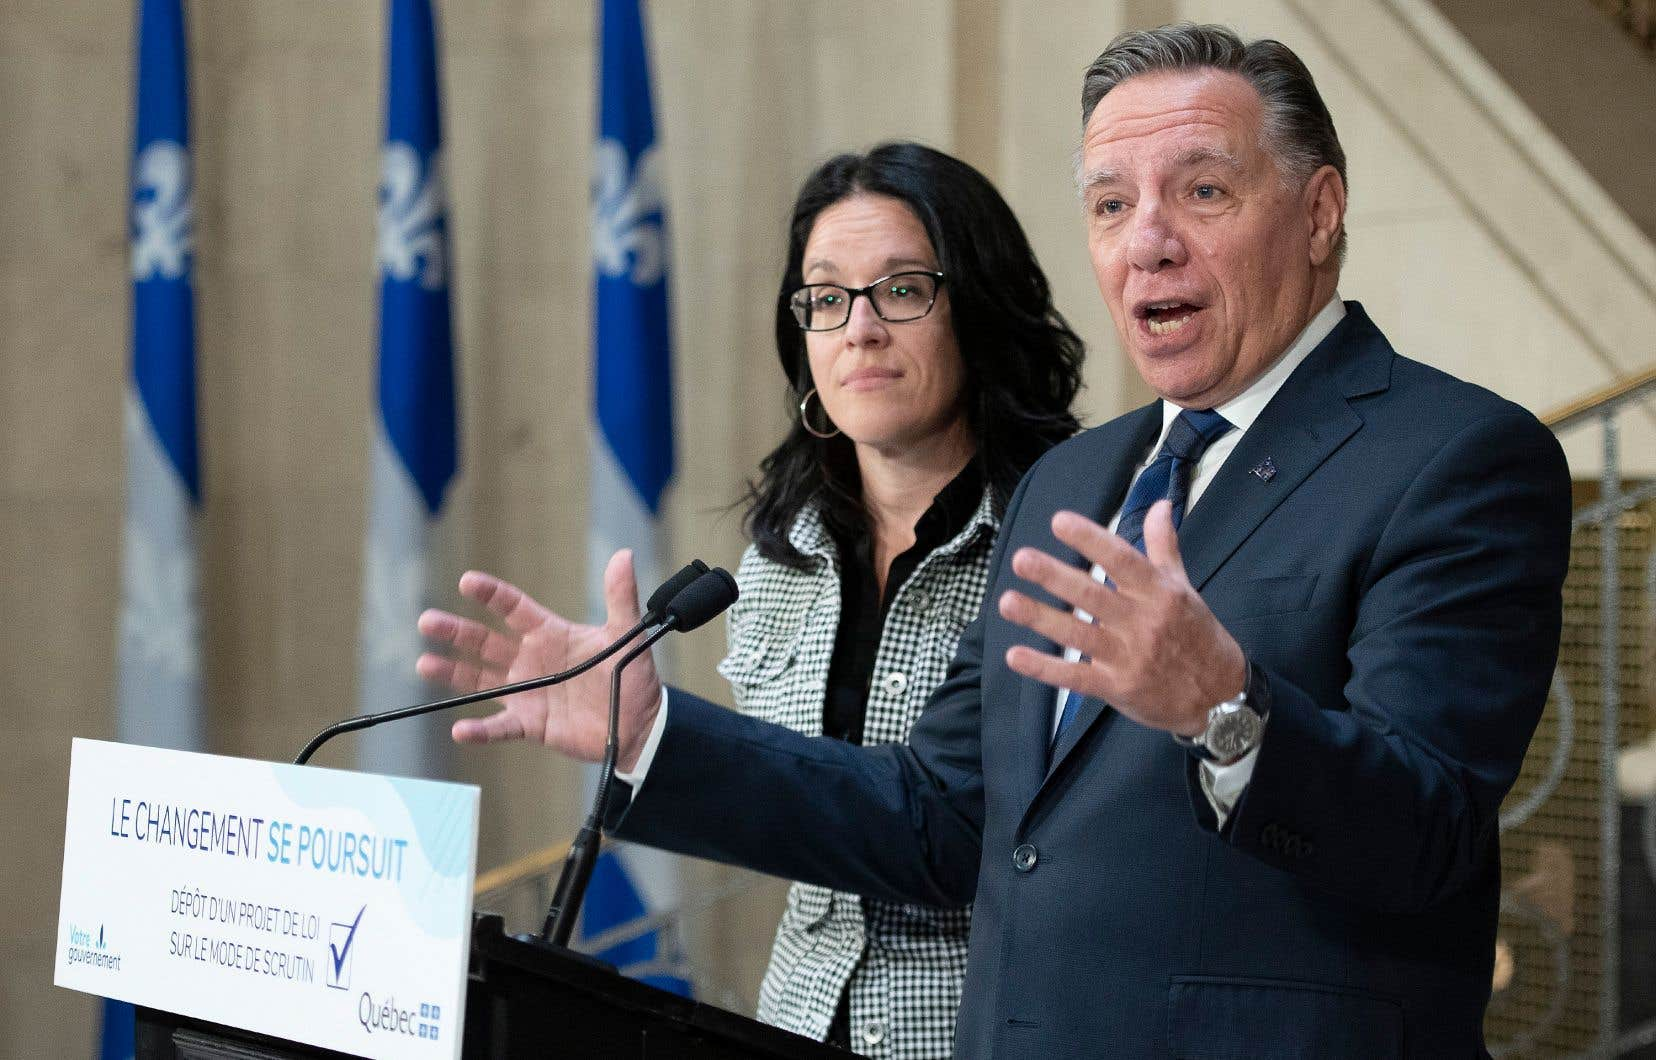 Le premier ministre François Legault et la ministre responsable de la Réforme des institutions démocratiques, Sonia LeBel, ont levé le voile sur leur projet de réforme du mode de scrutin.